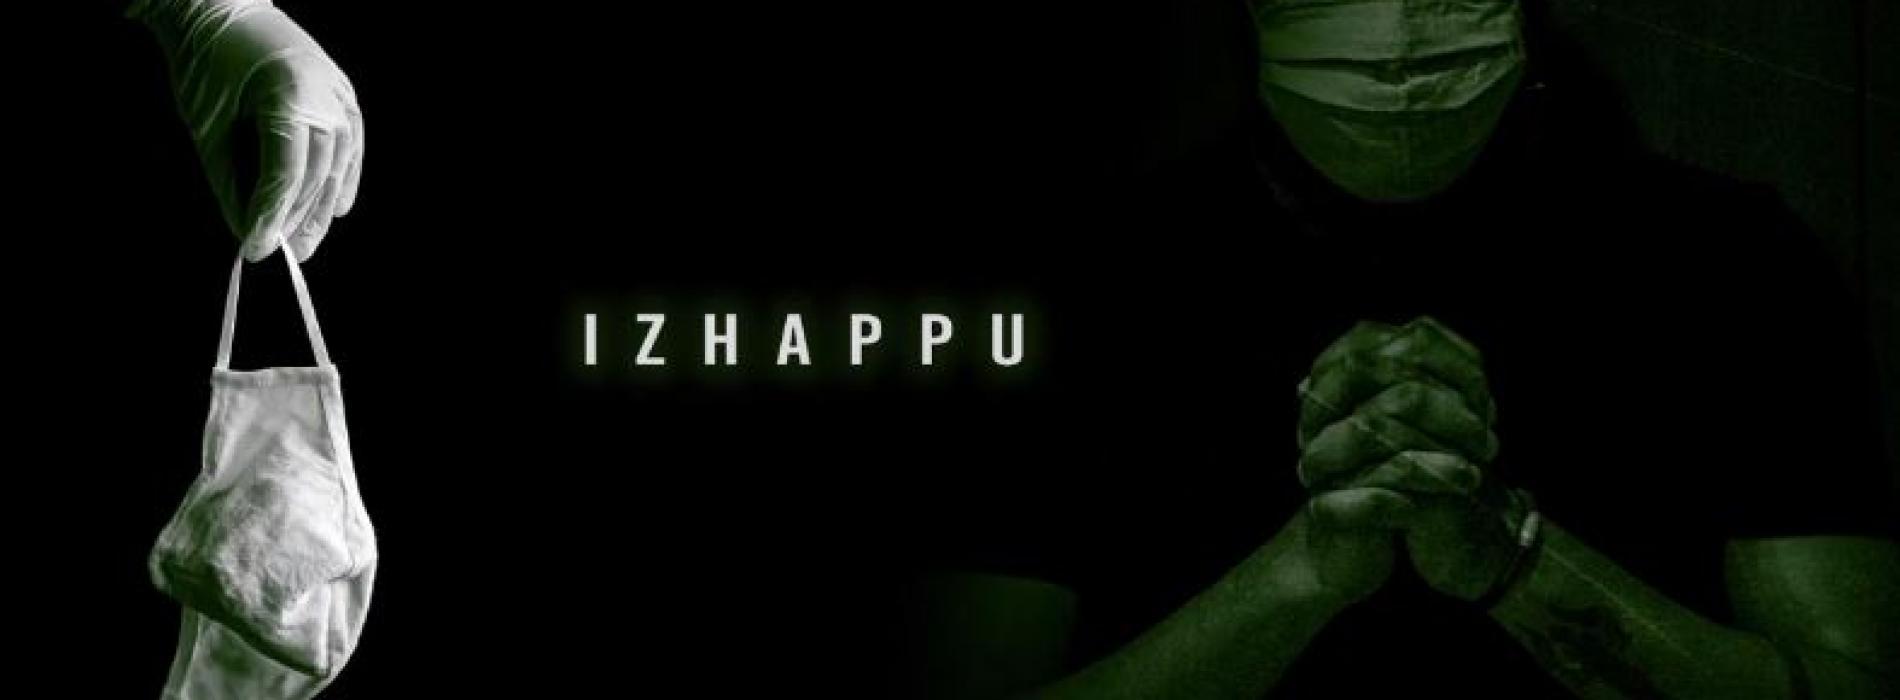 New Music : Jay DC – Izhappu (Audio)